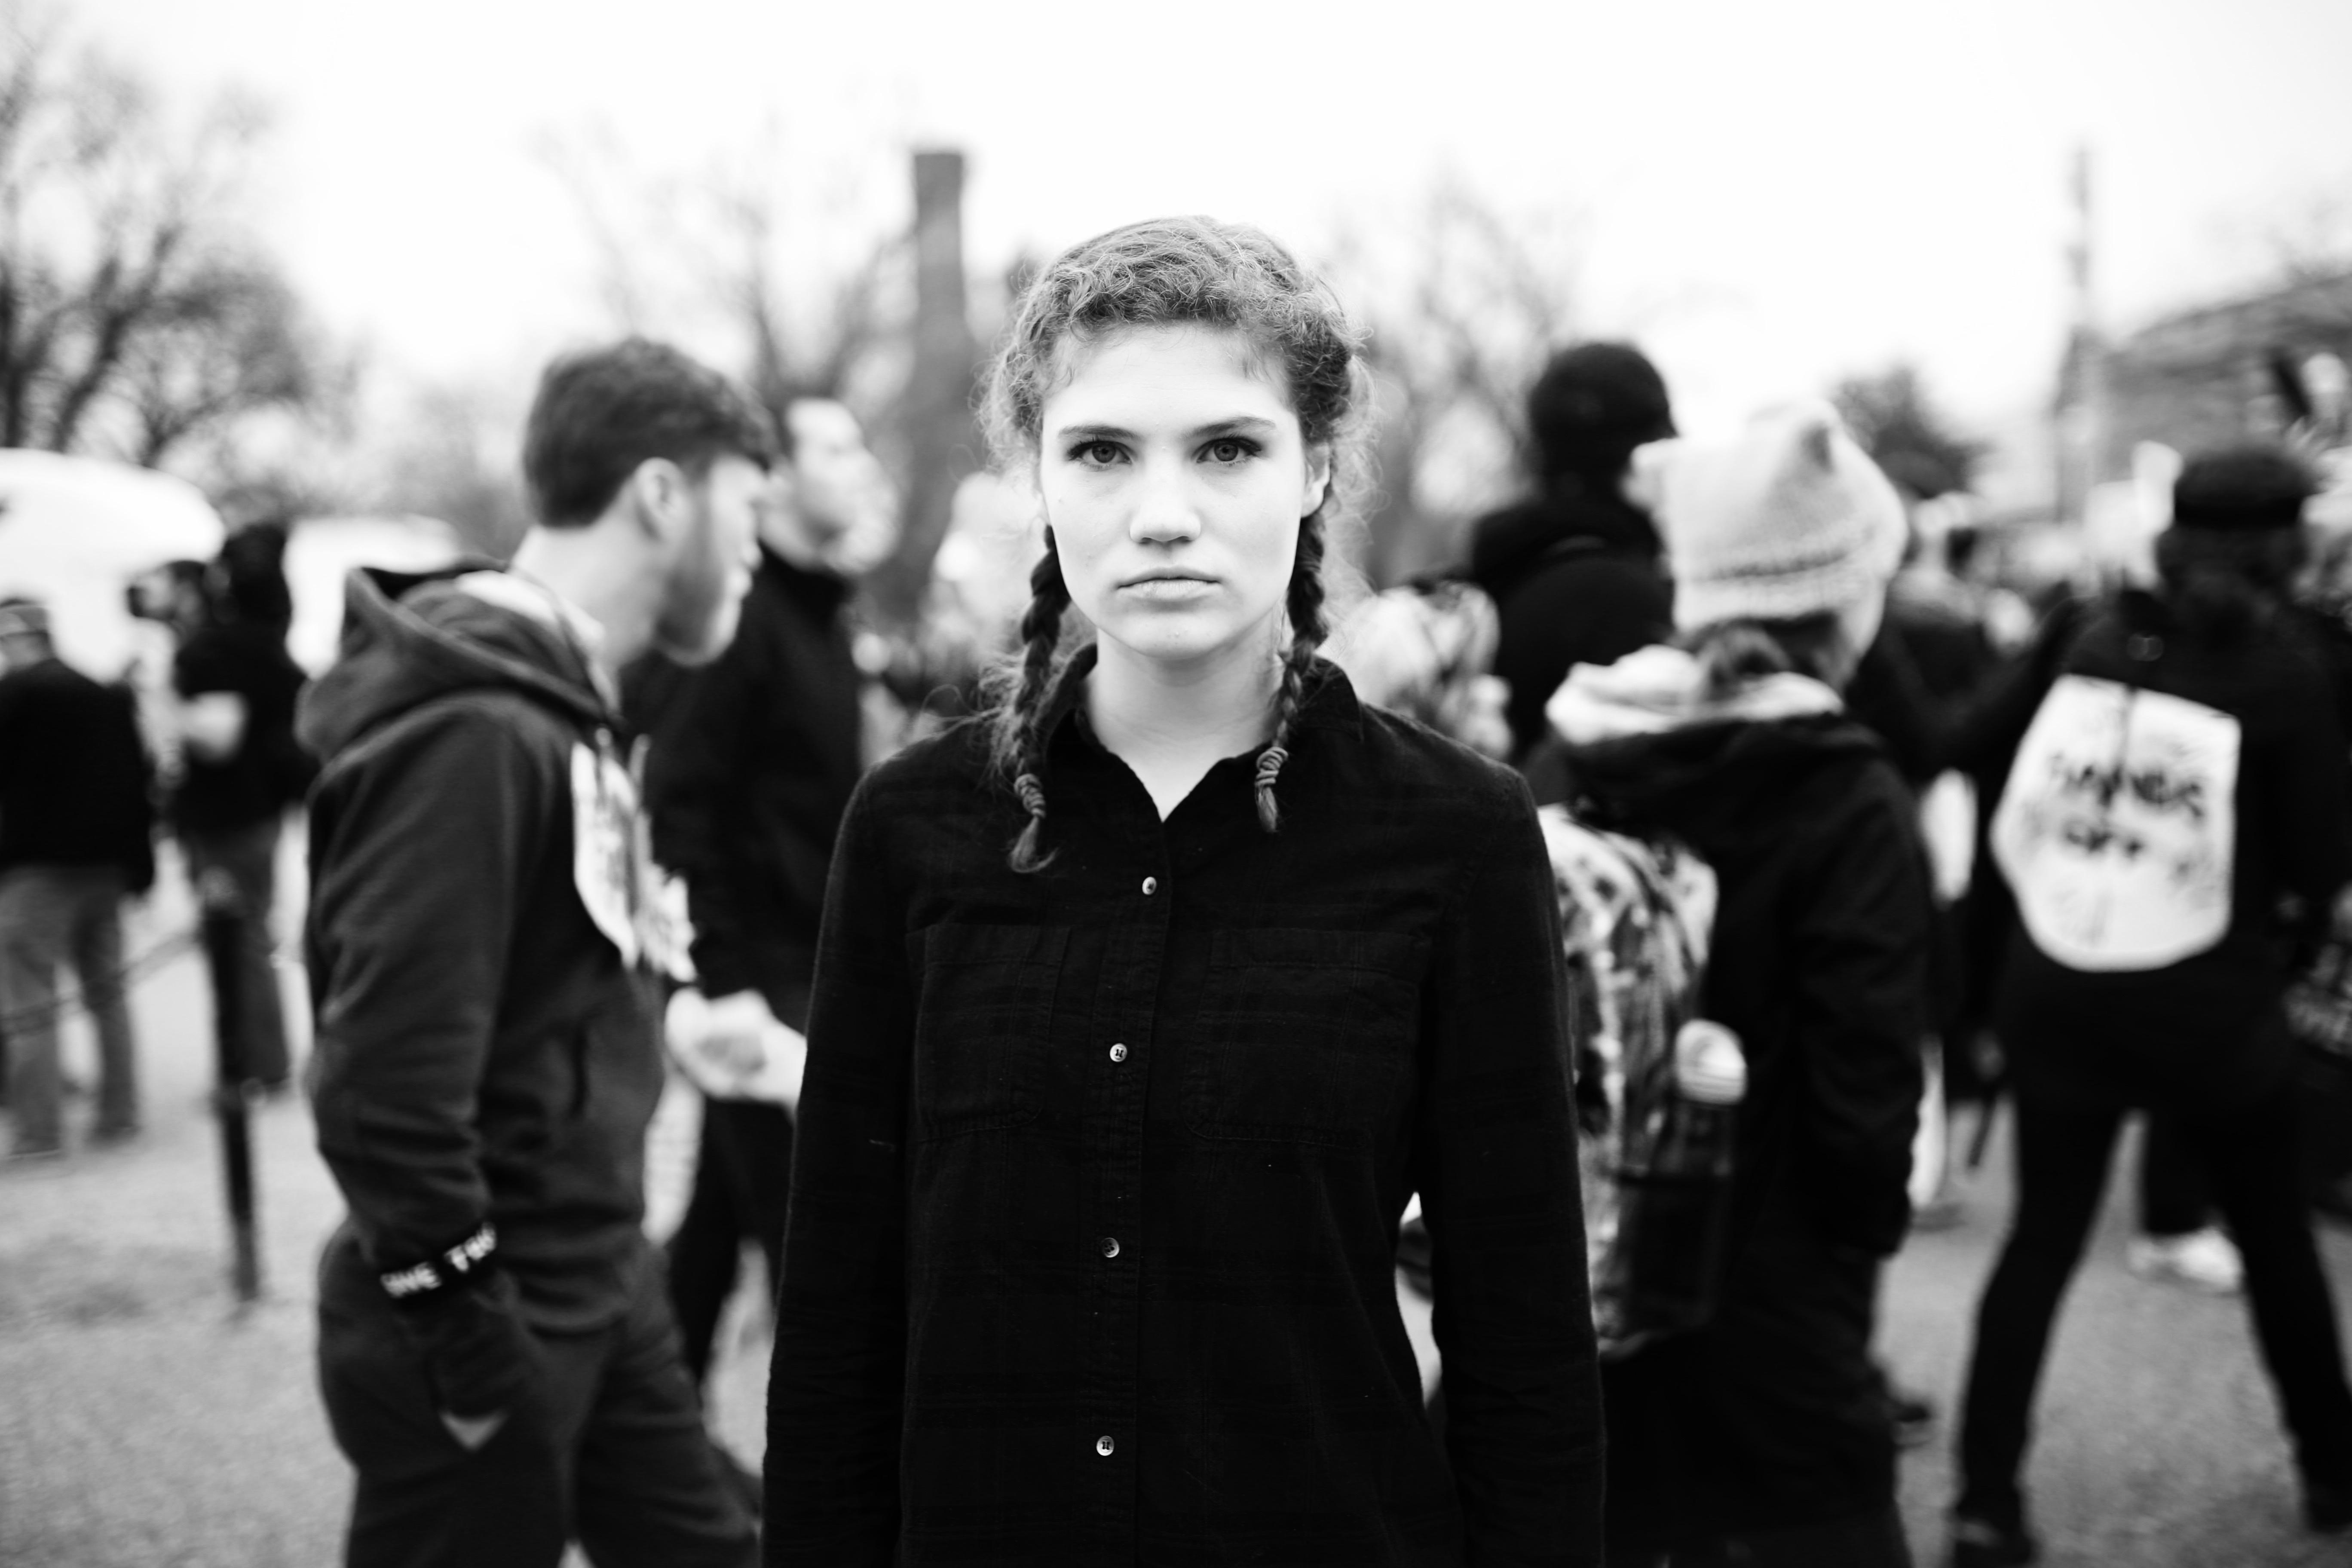 Womens March on Washington: Mae Hunt